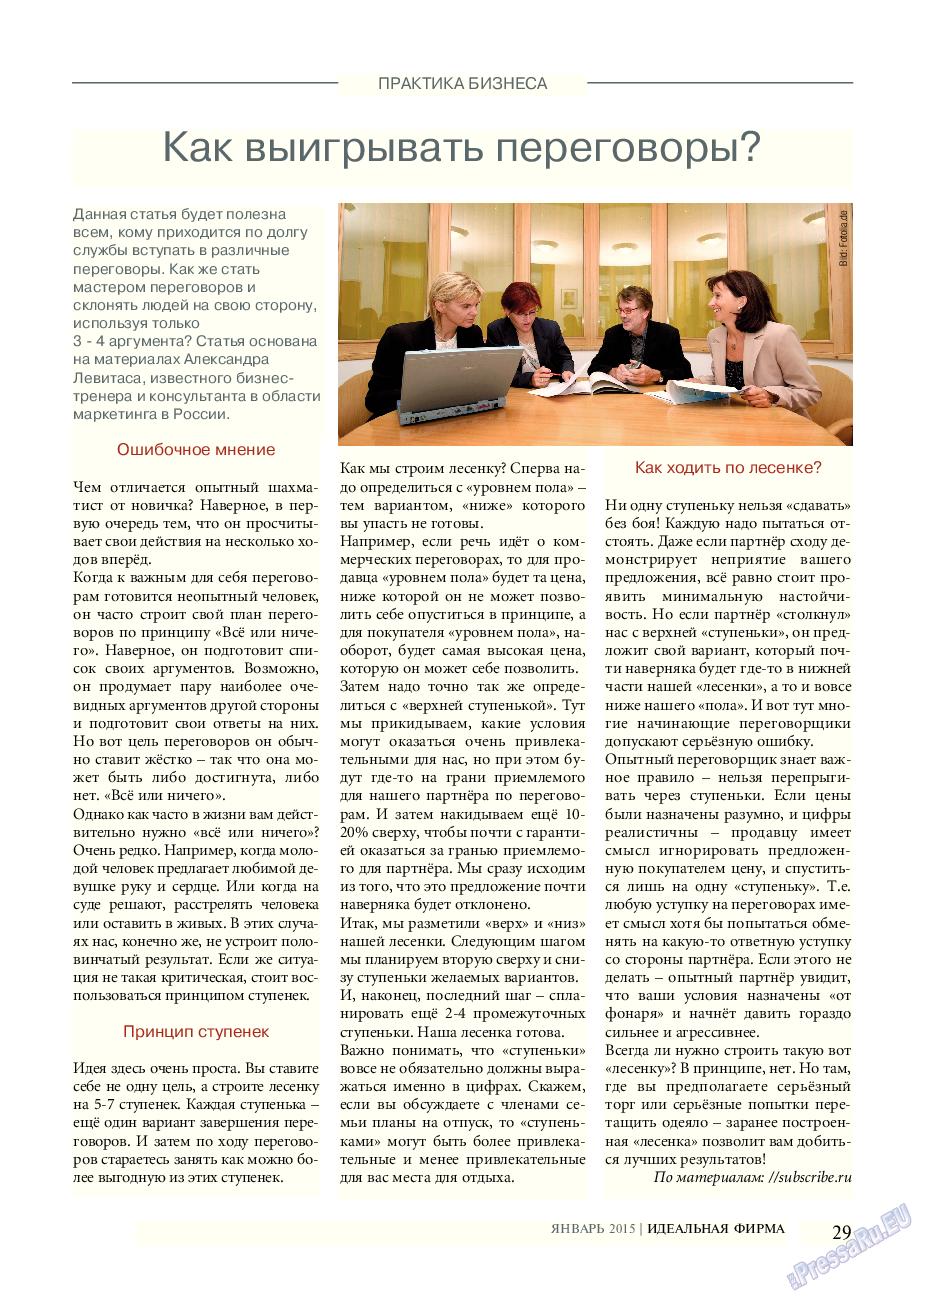 Идеальная фирма (журнал). 2015 год, номер 1, стр. 29